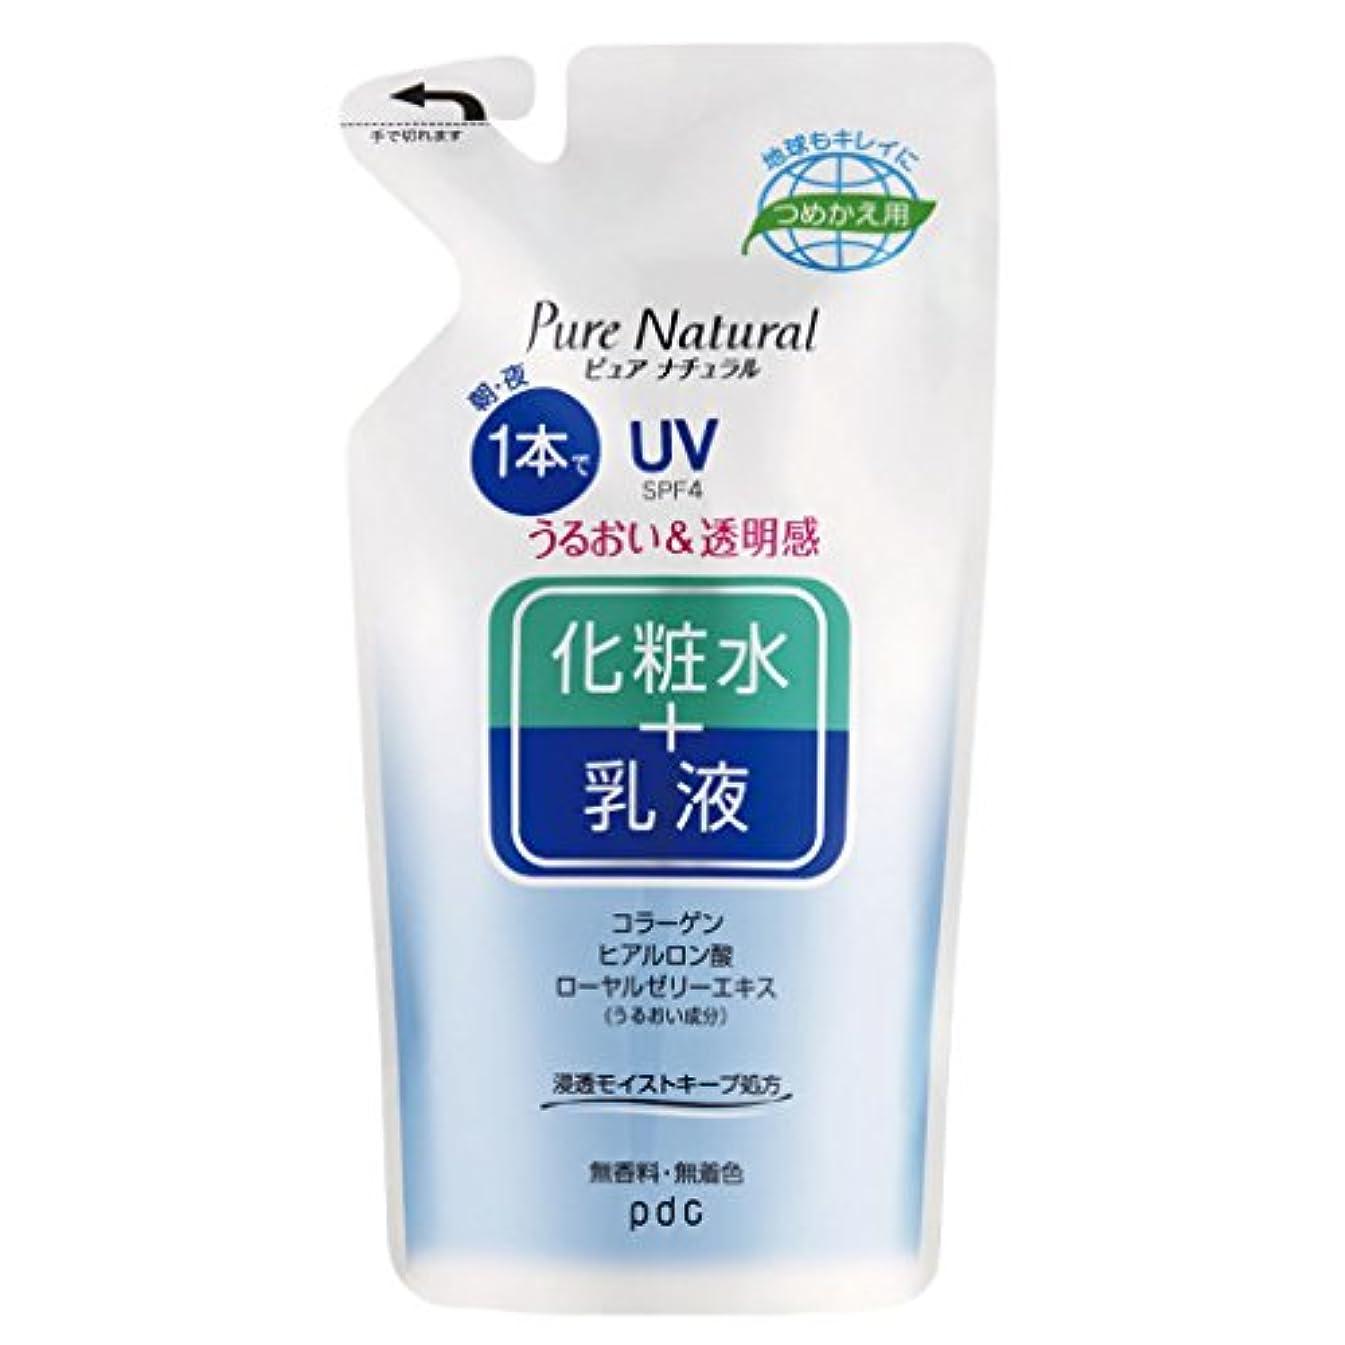 純粋に原因素朴なPure NATURAL(ピュアナチュラル) エッセンスローション UV (つめかえ用) 200mL